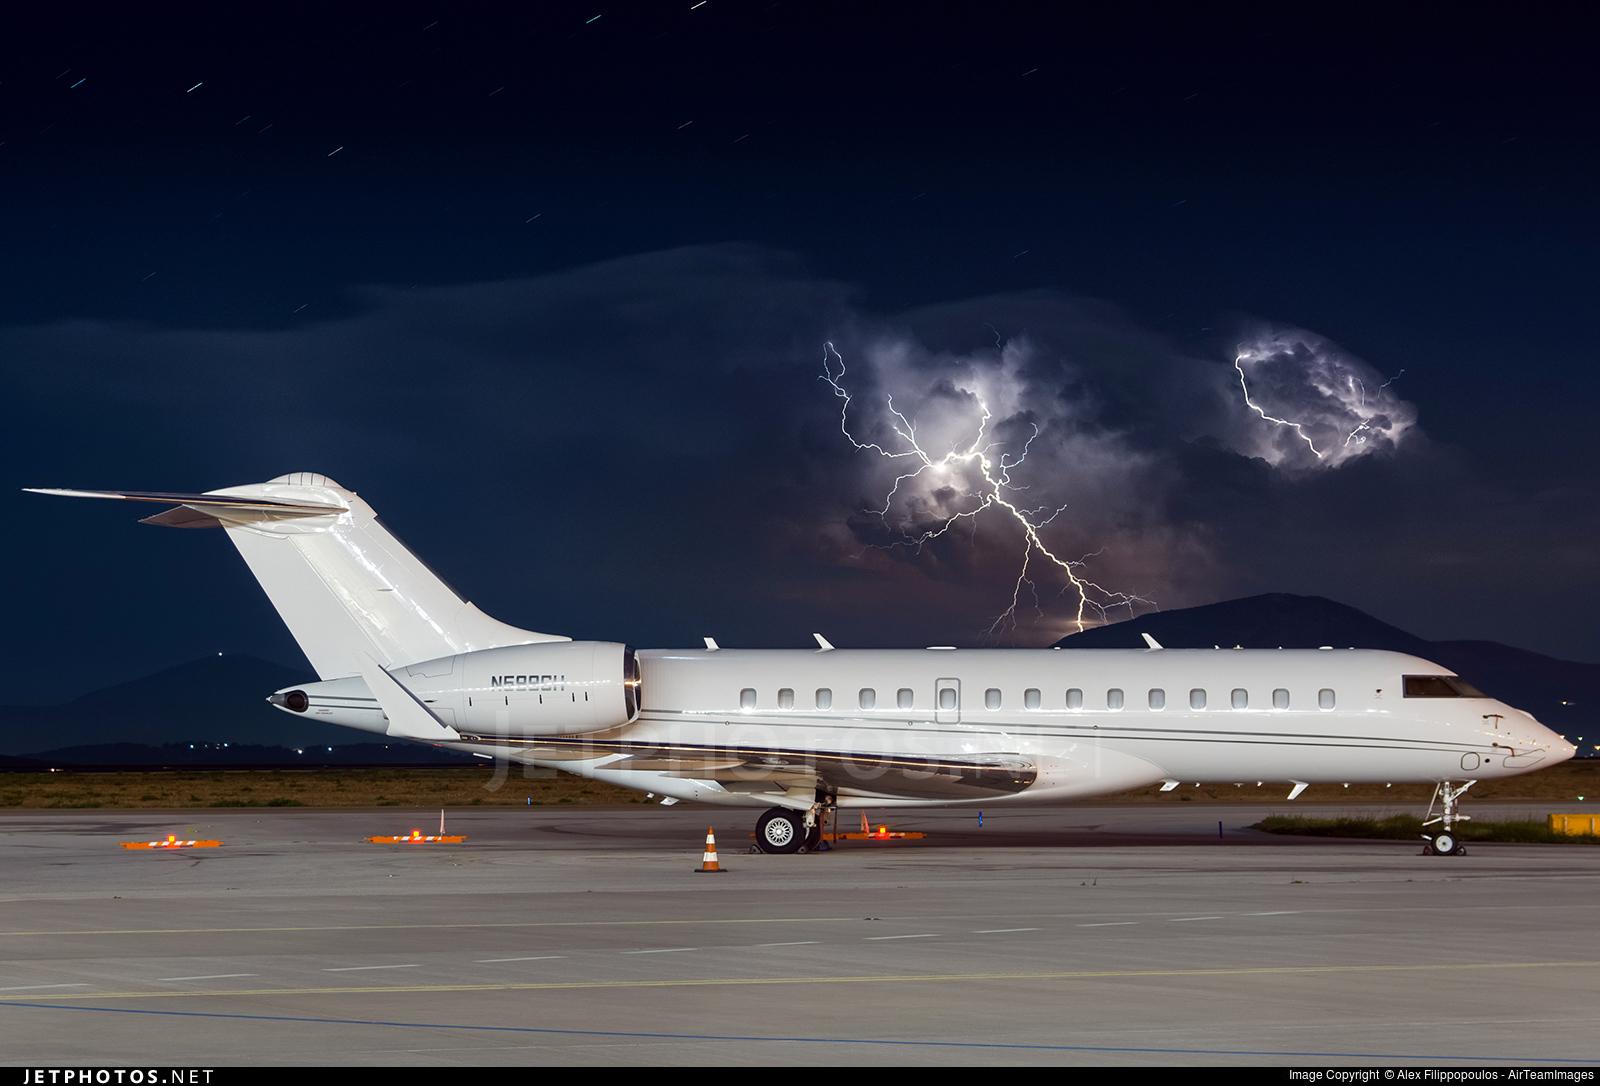 METAR Bombardier Challenger storm weather